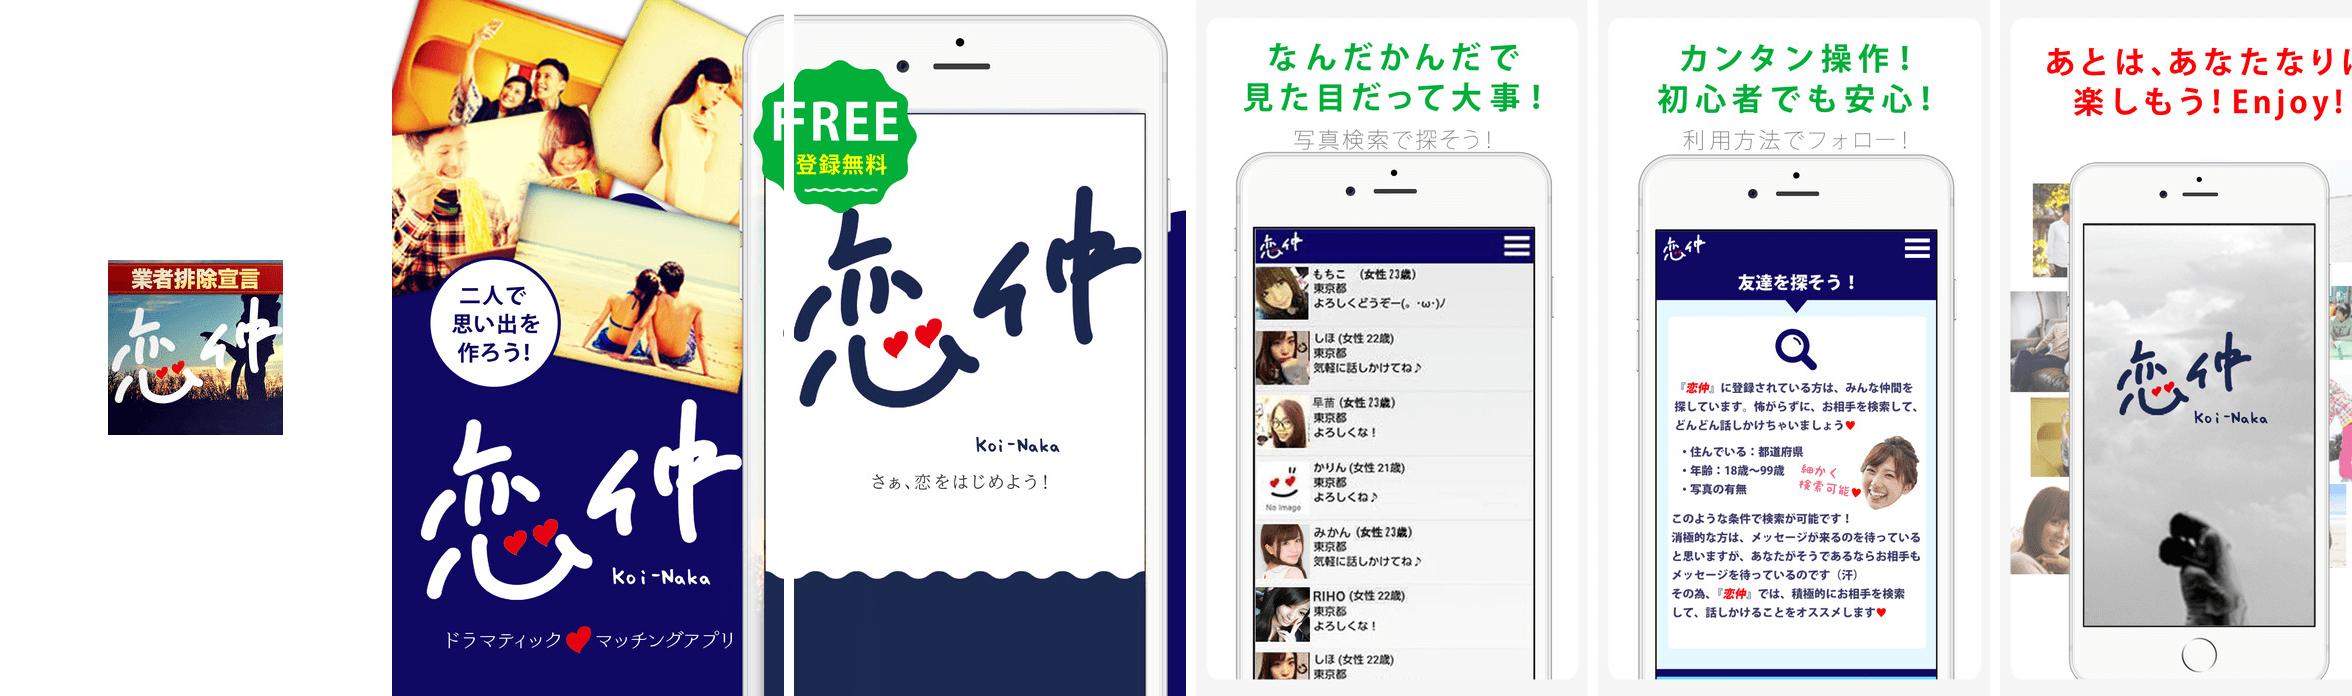 恋仲-無料ID交換の可能な出会いチャットアプリ